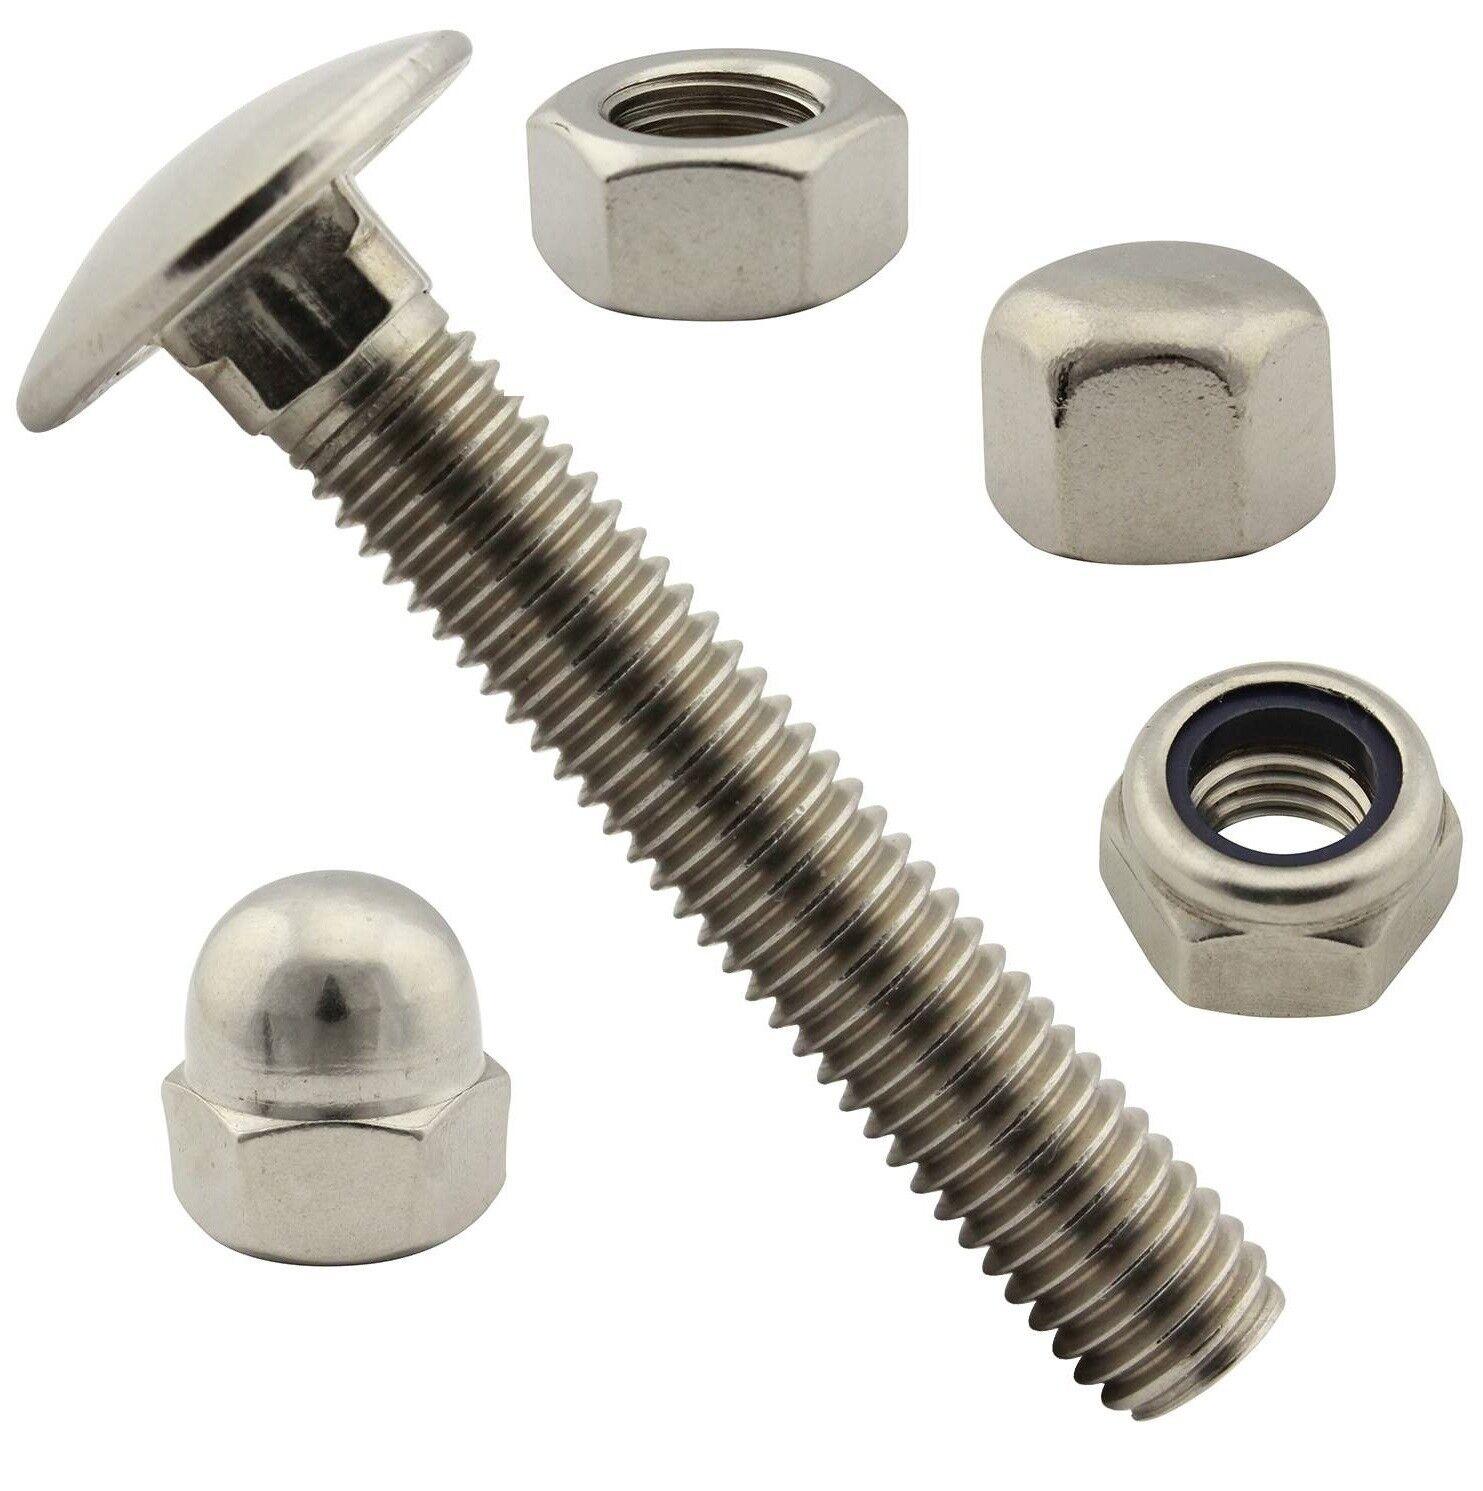 Flachrundschrauben   Schloßschrauben in M5 DIN 603 mit Muttern Edelstahl A2 V2A